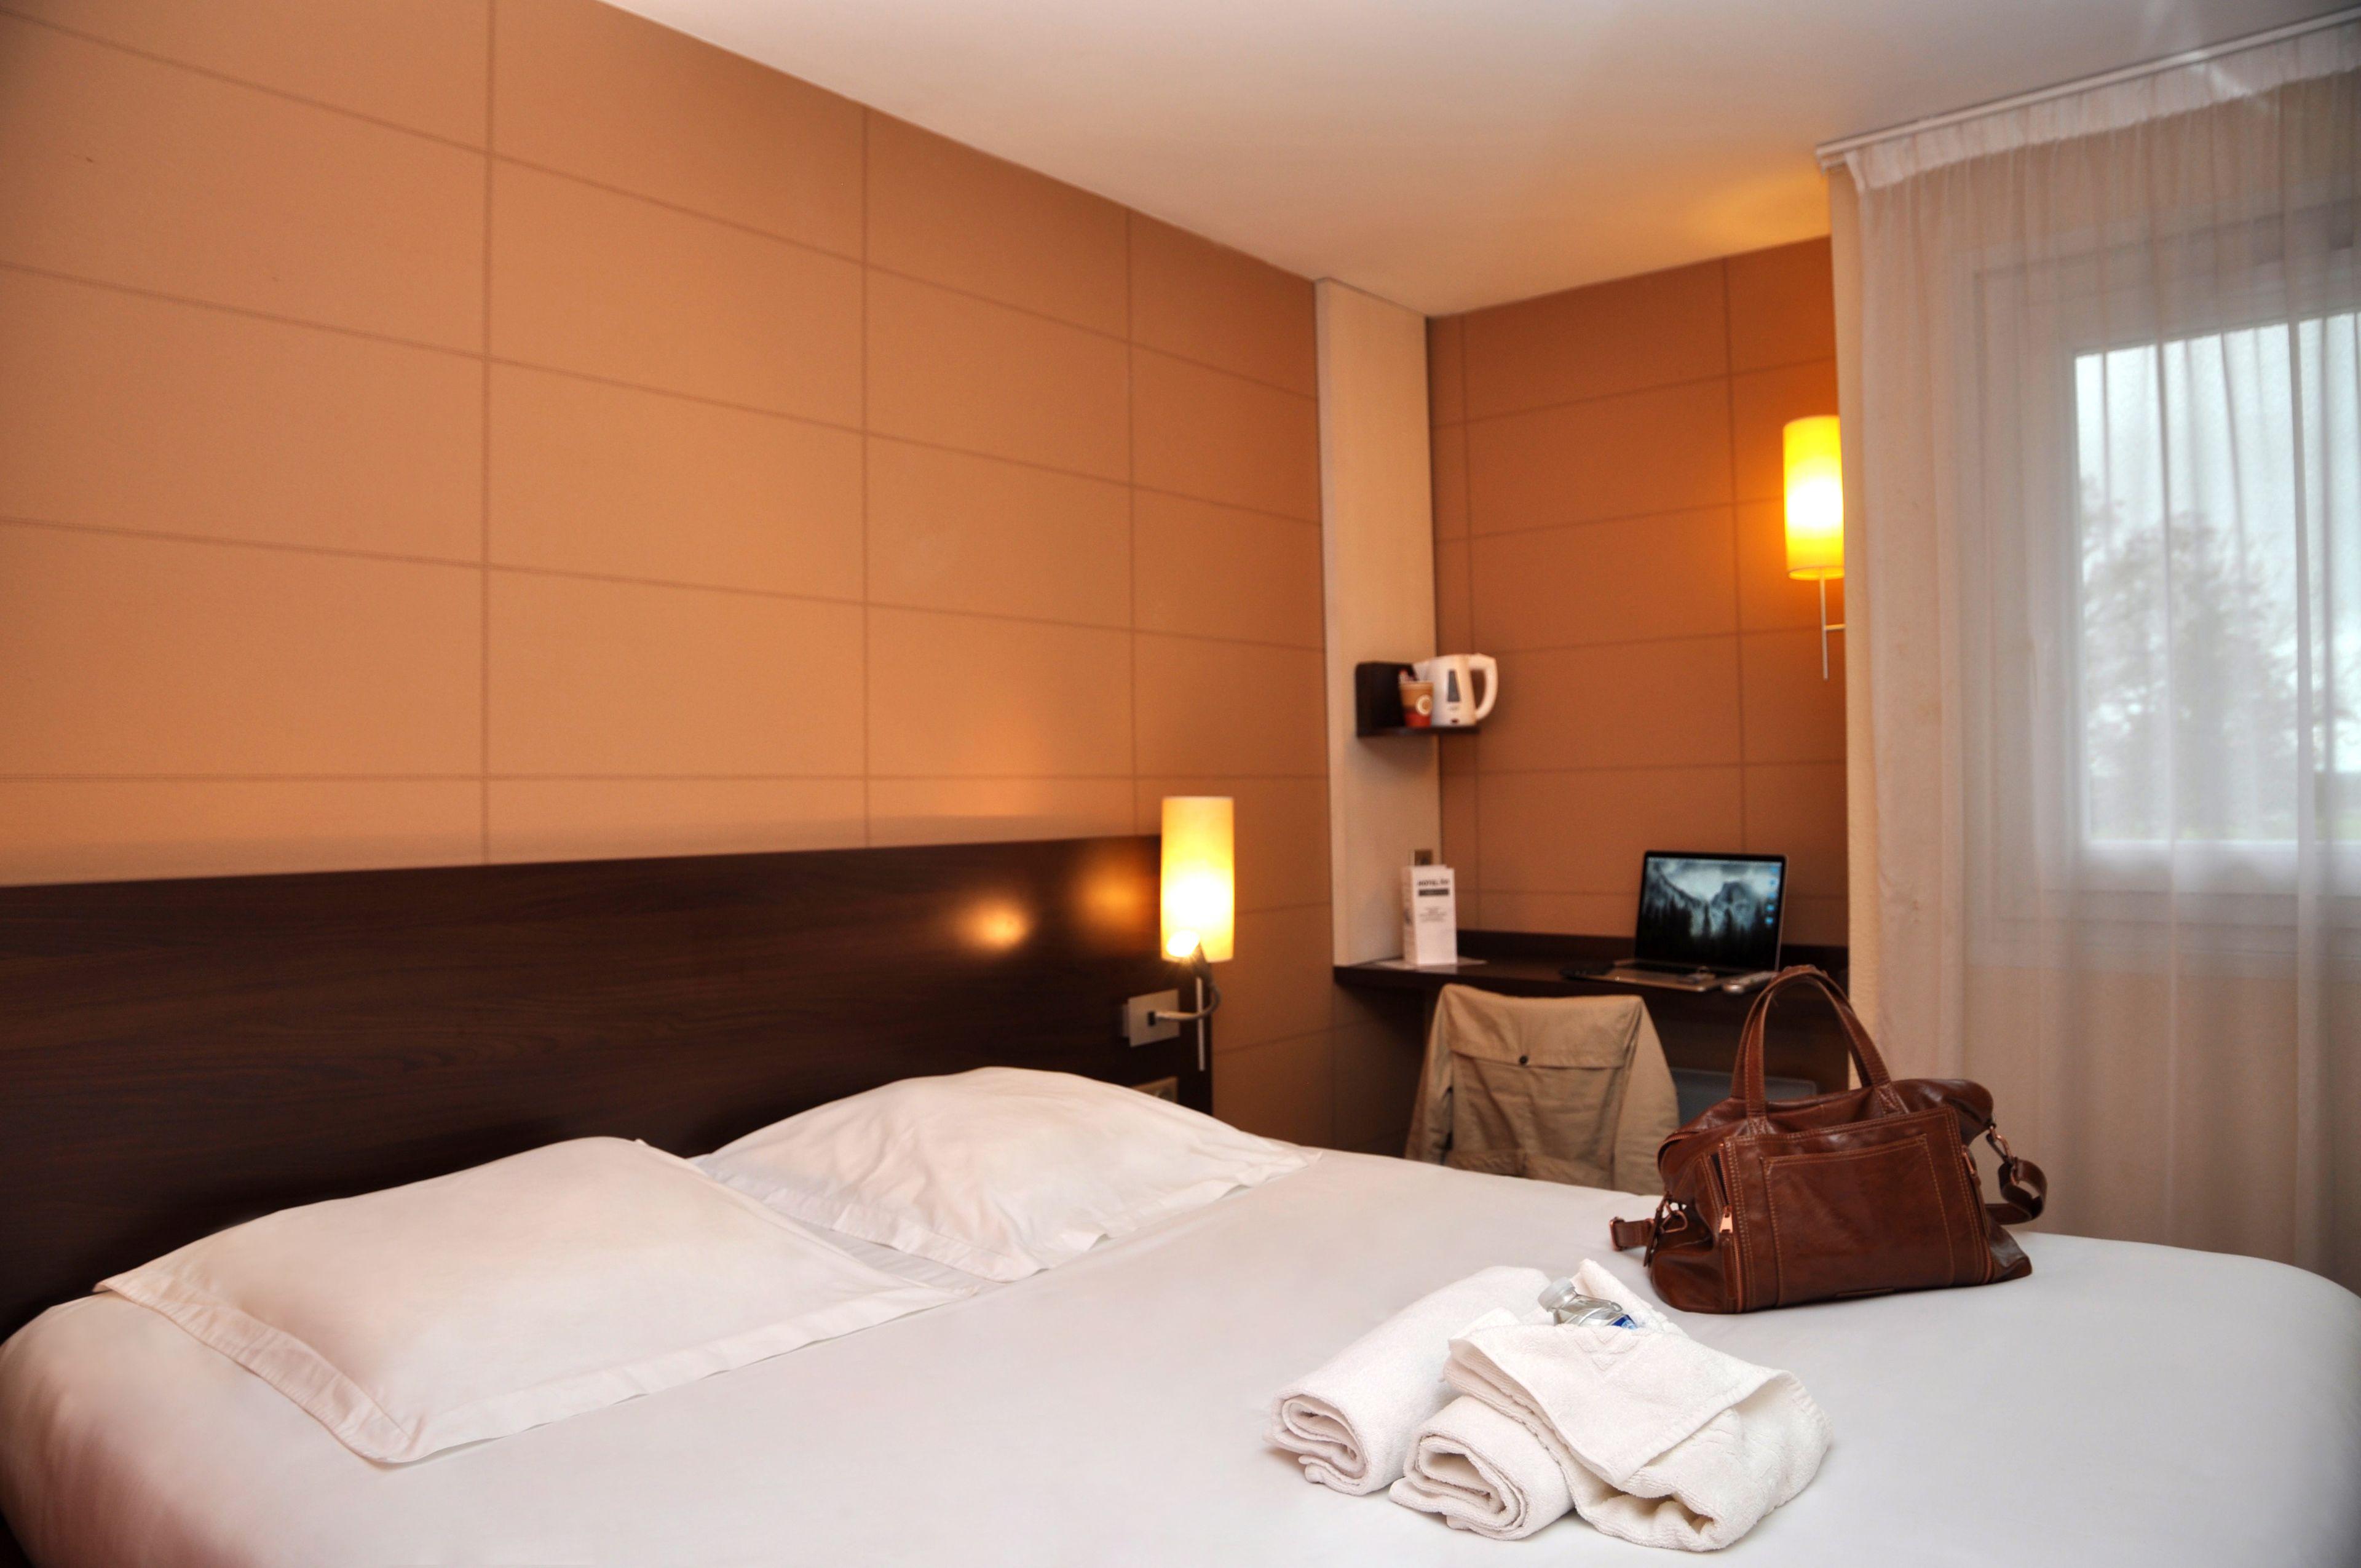 HÔtel Inn Design Amiens Resto Novo